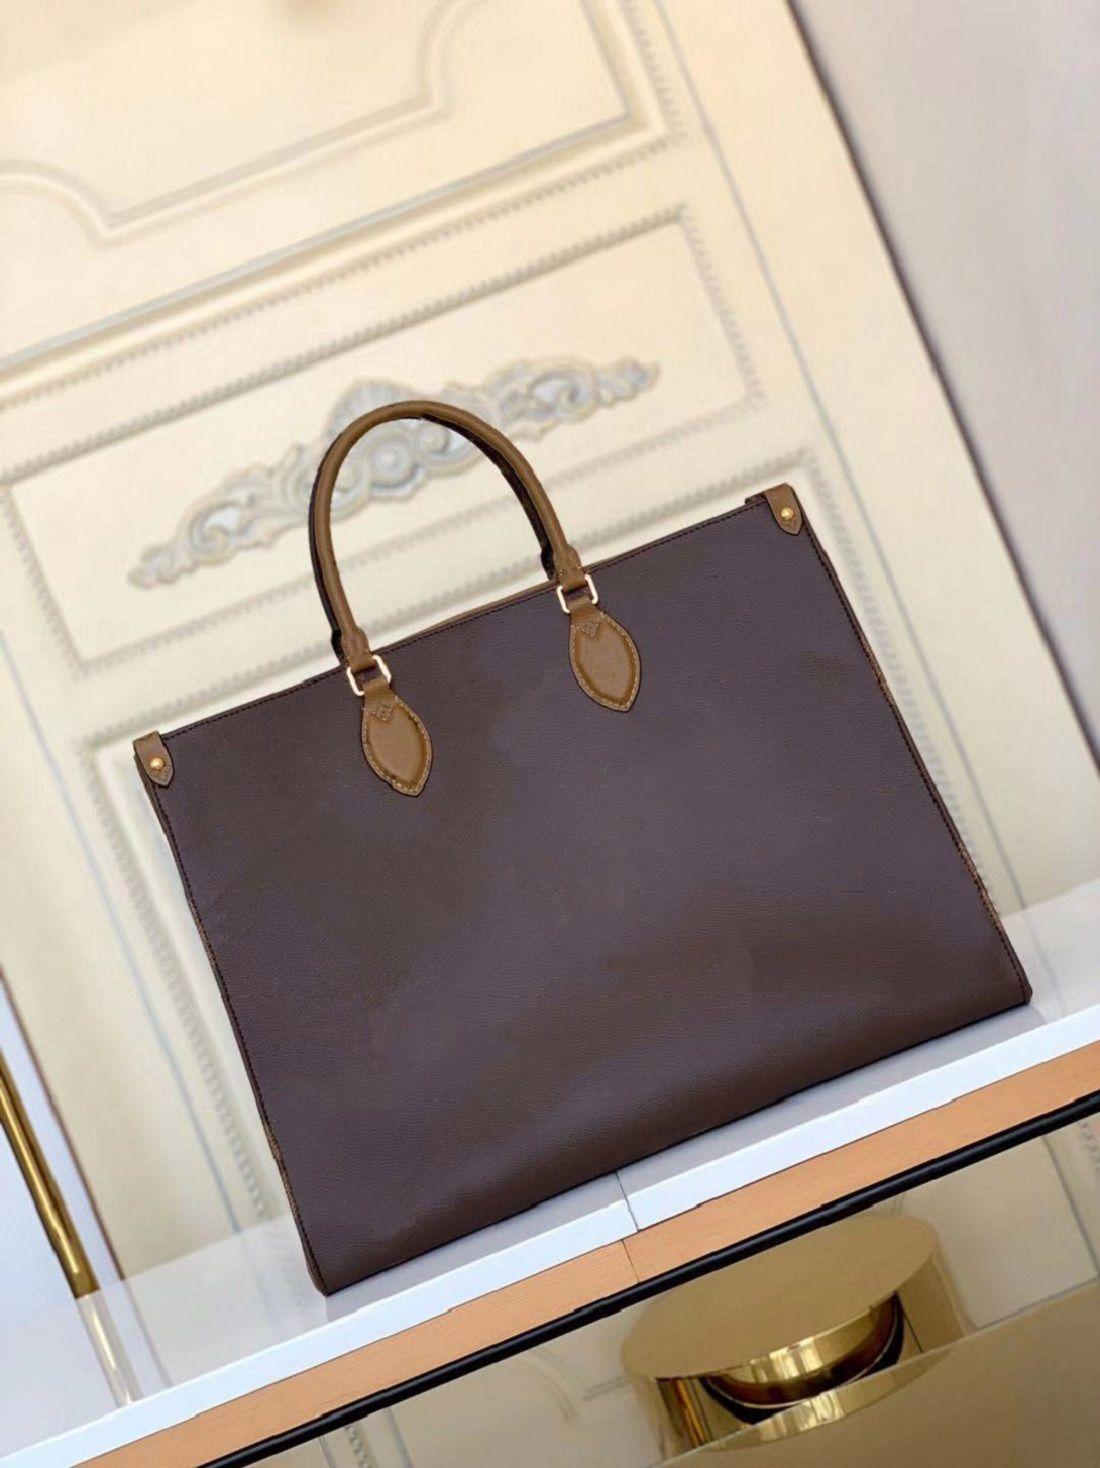 Çanta Çanta Tote Tasarımcısı Sıcak Omuz Satılık Çantalar Çanta Çanta Kargo Alışveriş Messenger Lüks Ücretsiz Llqka